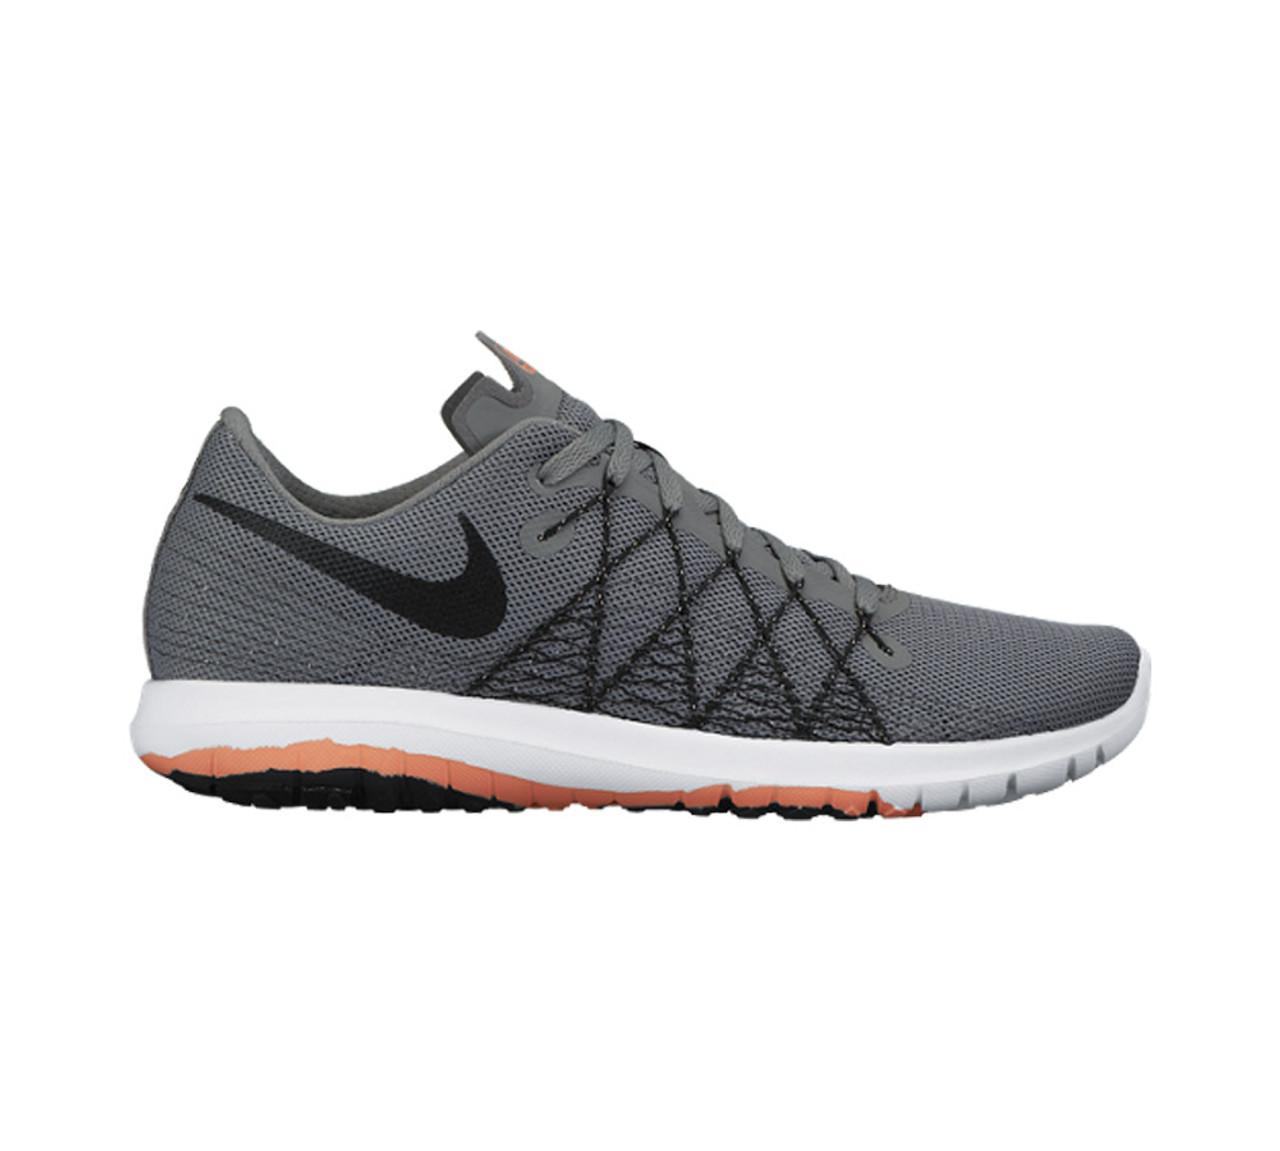 f810d913fa645 Nike Women s Flex Fury 2 Running Shoe Grey Atomic Pink - Shop now   Shoolu